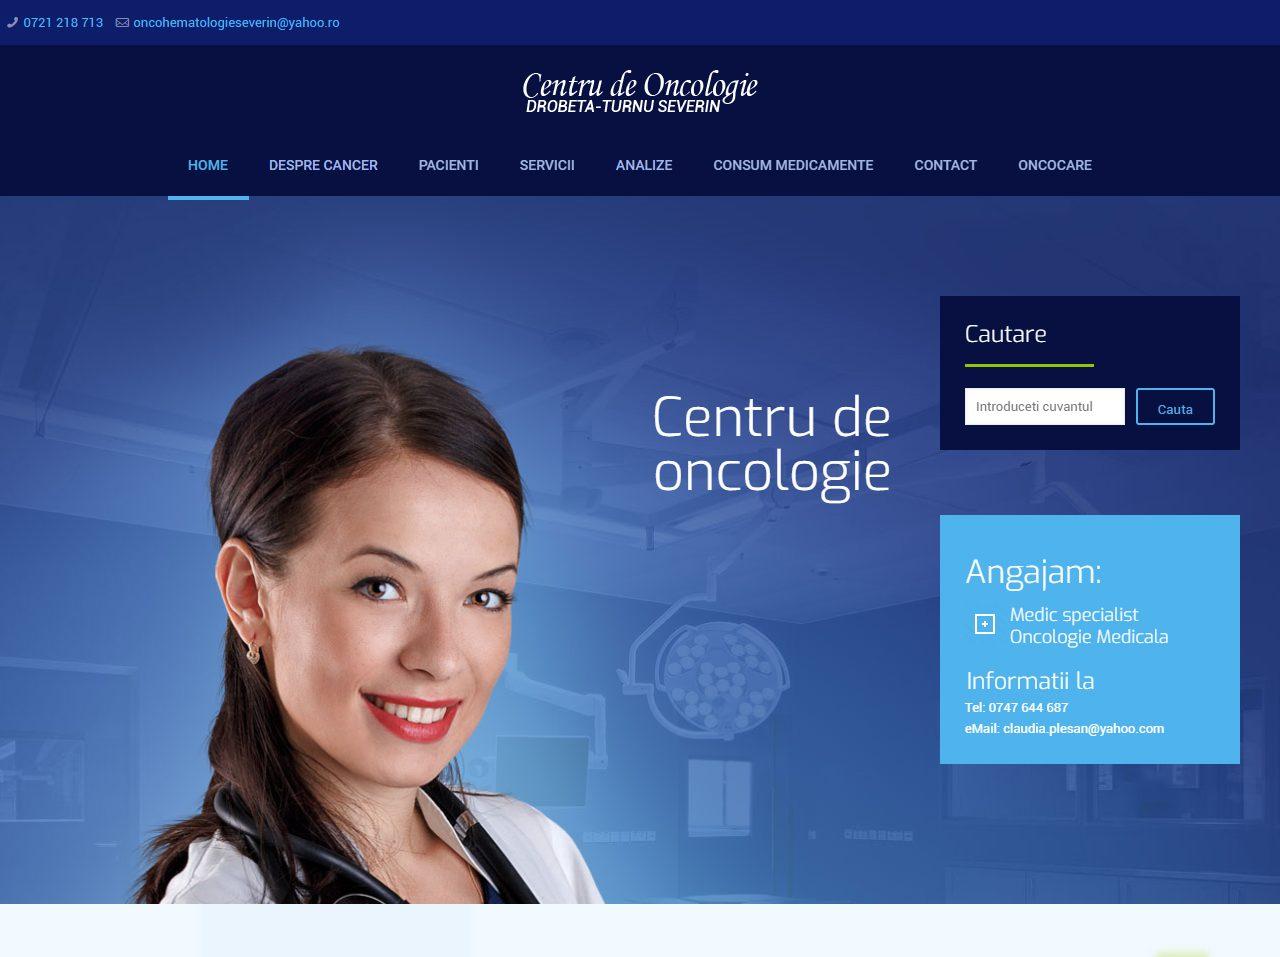 optimizare seo agentie web design timisoara centru oncologie severin